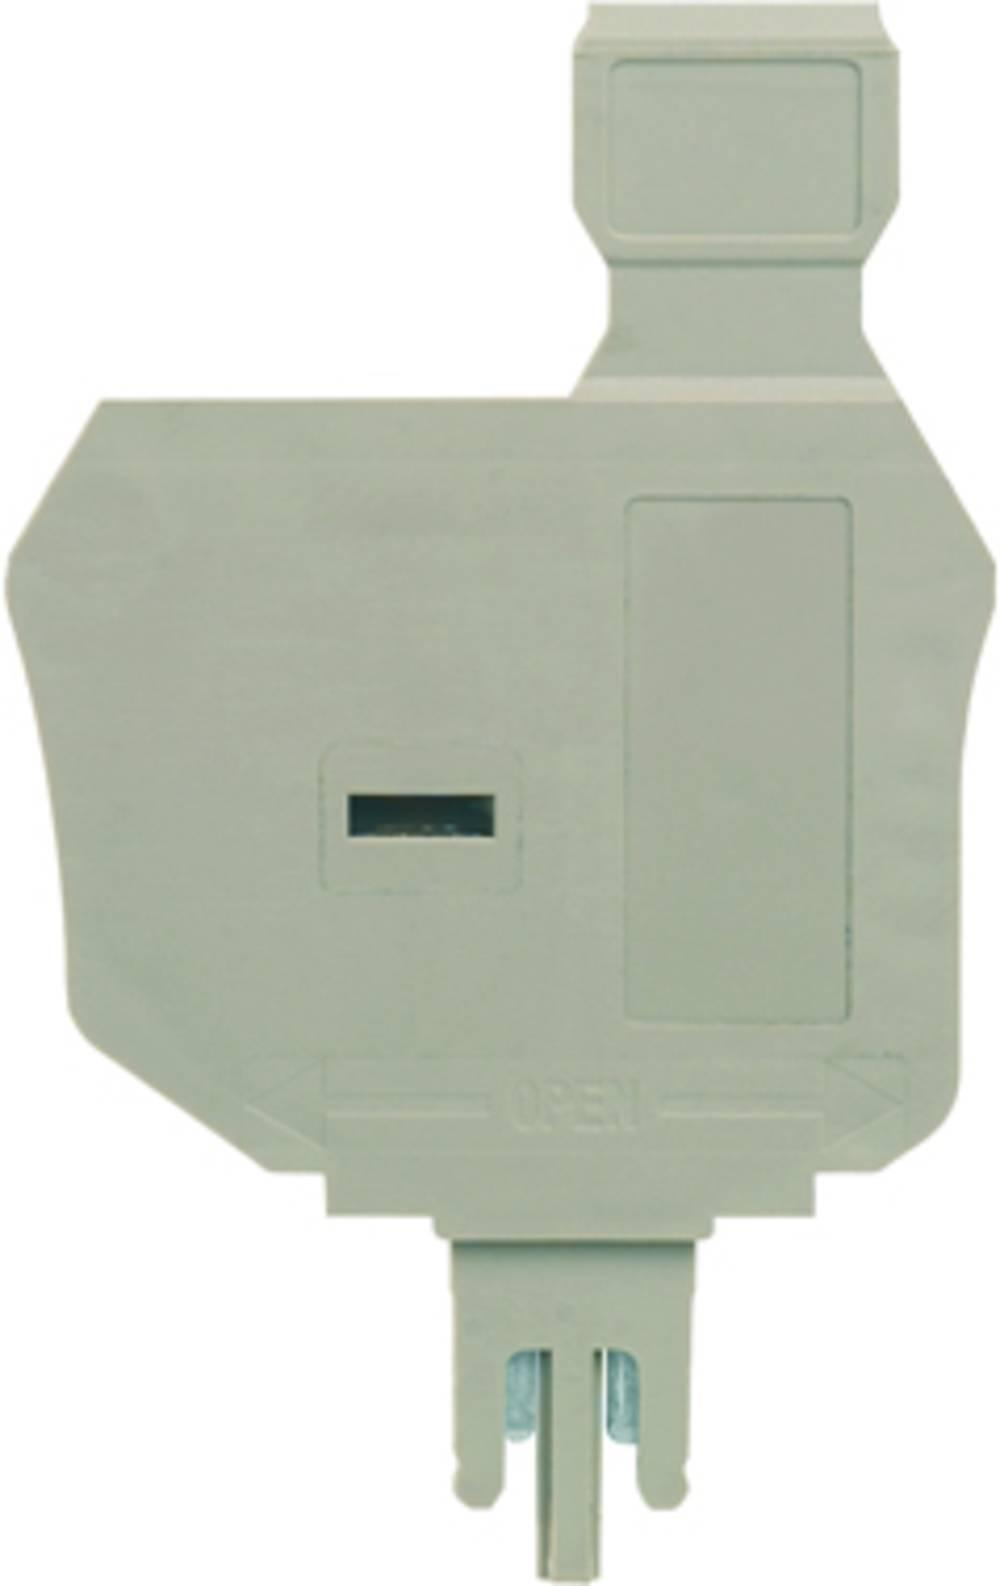 sikringsholder SIHA 3/G20 7926190000 Weidmüller 1000 stk